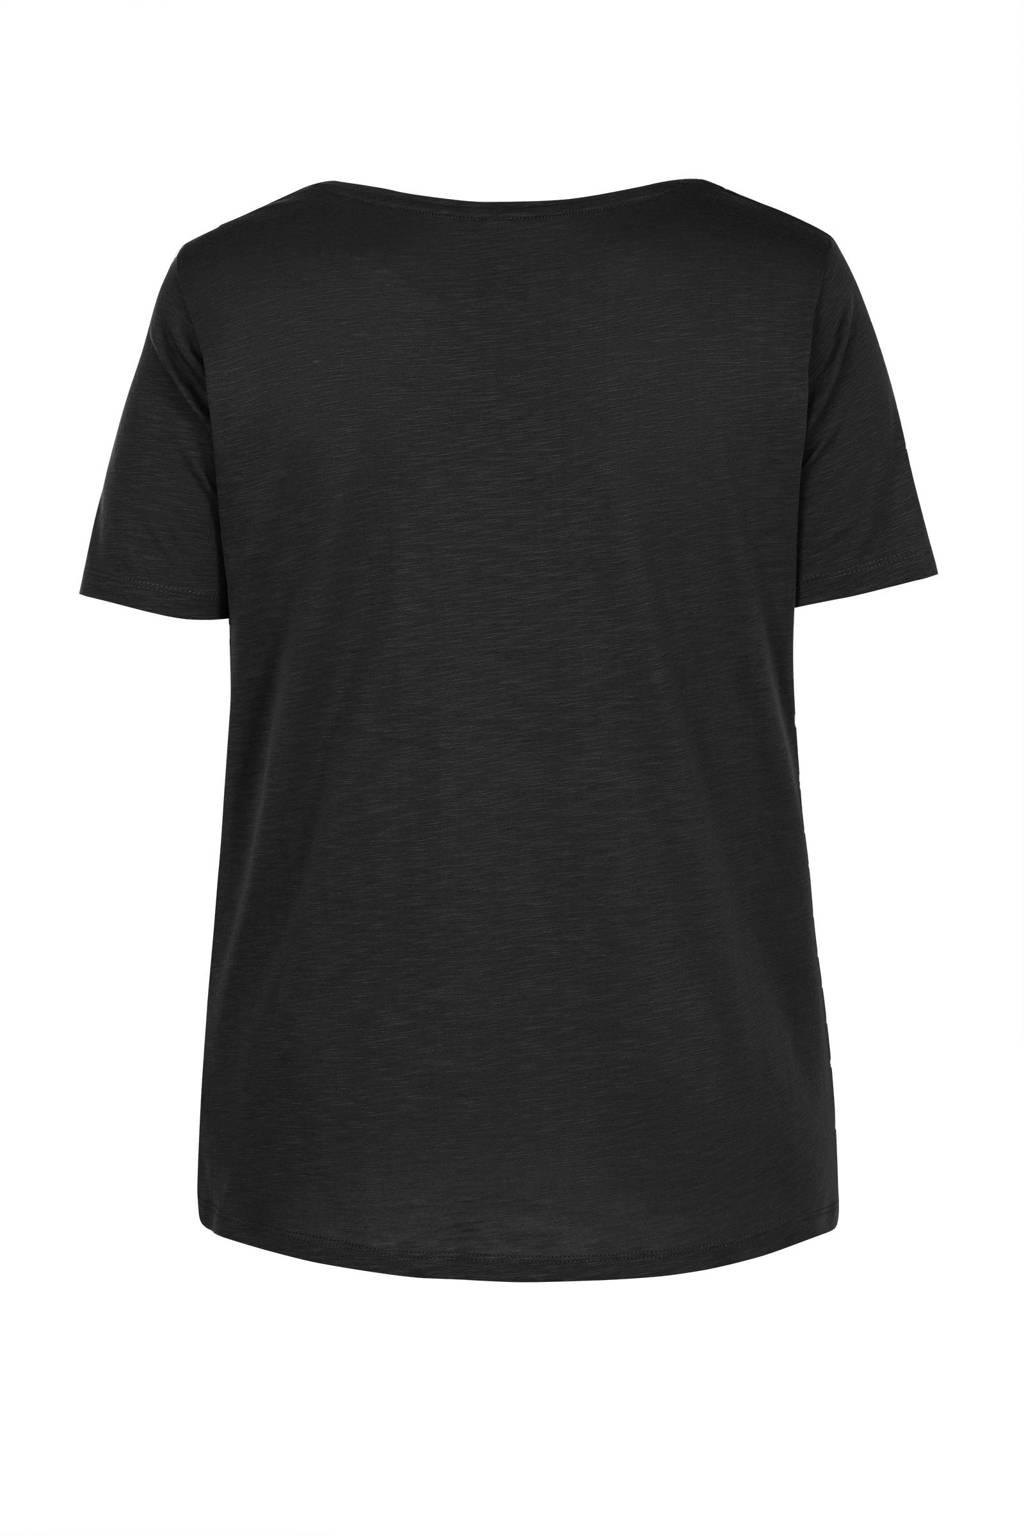 Miss Etam Plus T-shirt zwart, Zwart